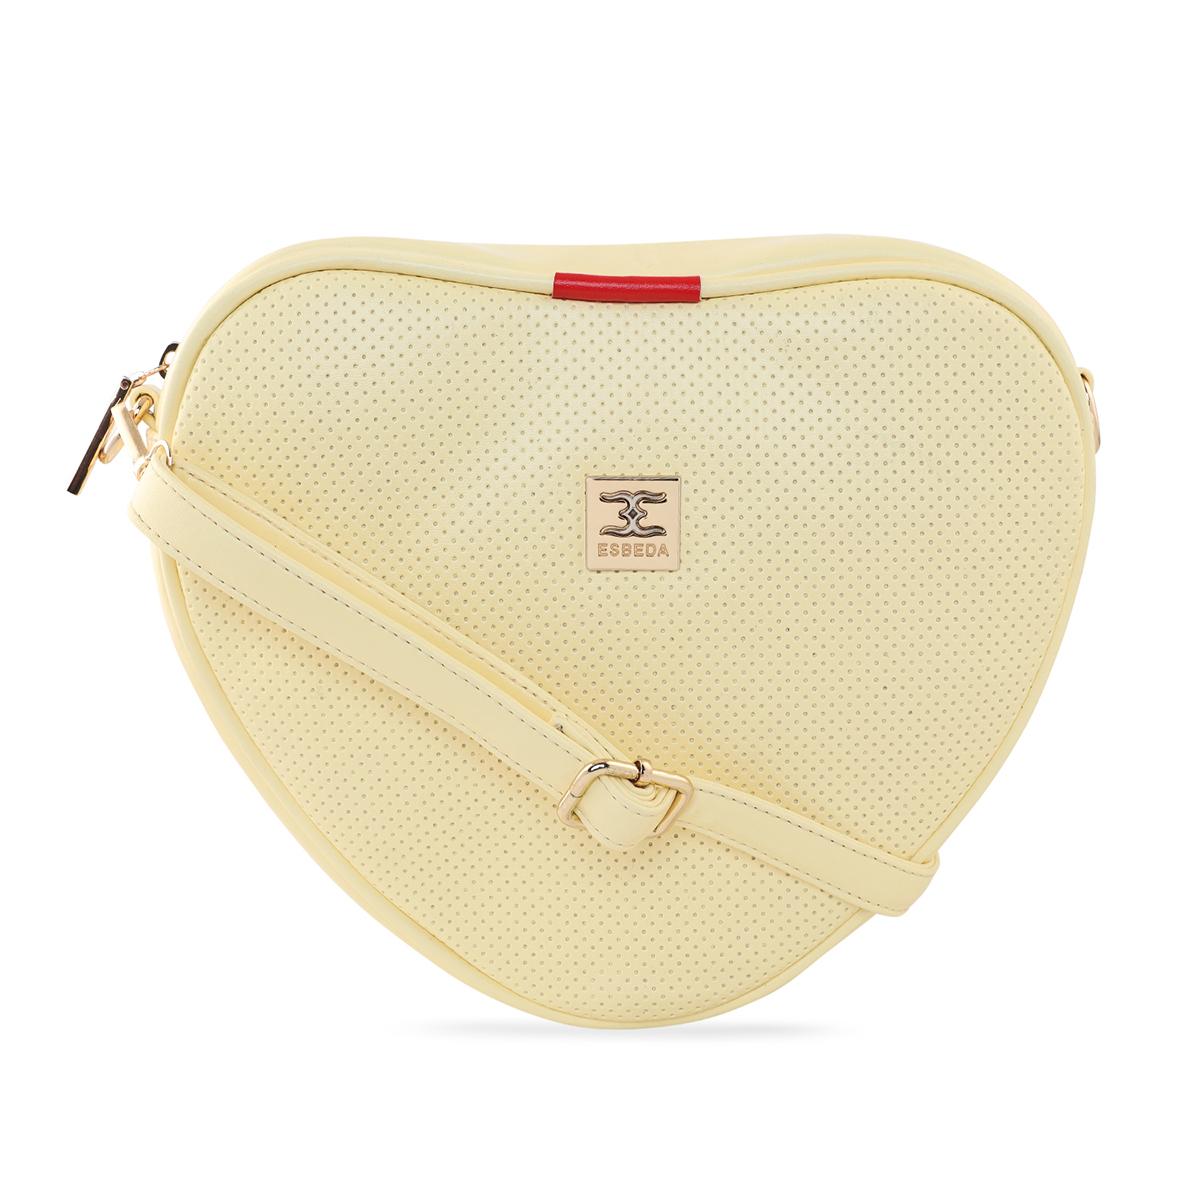 ESBEDA | ESBEDA Light Yellow Color Heart Shape Sling Bag For Women